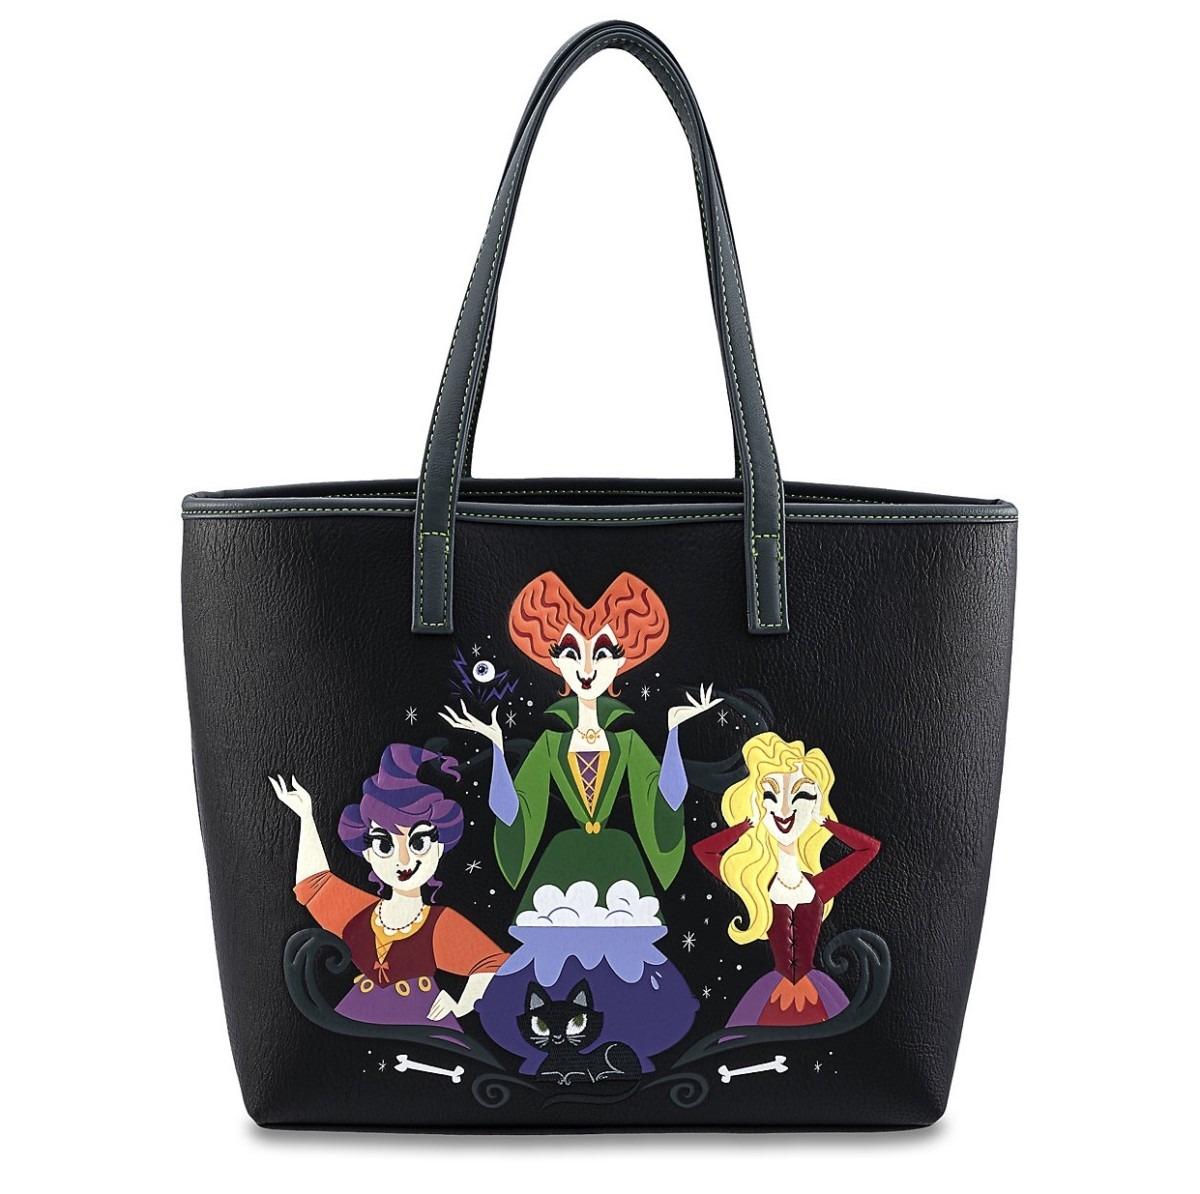 NEW Hocus Pocus Merchandise on shopDisney! 1